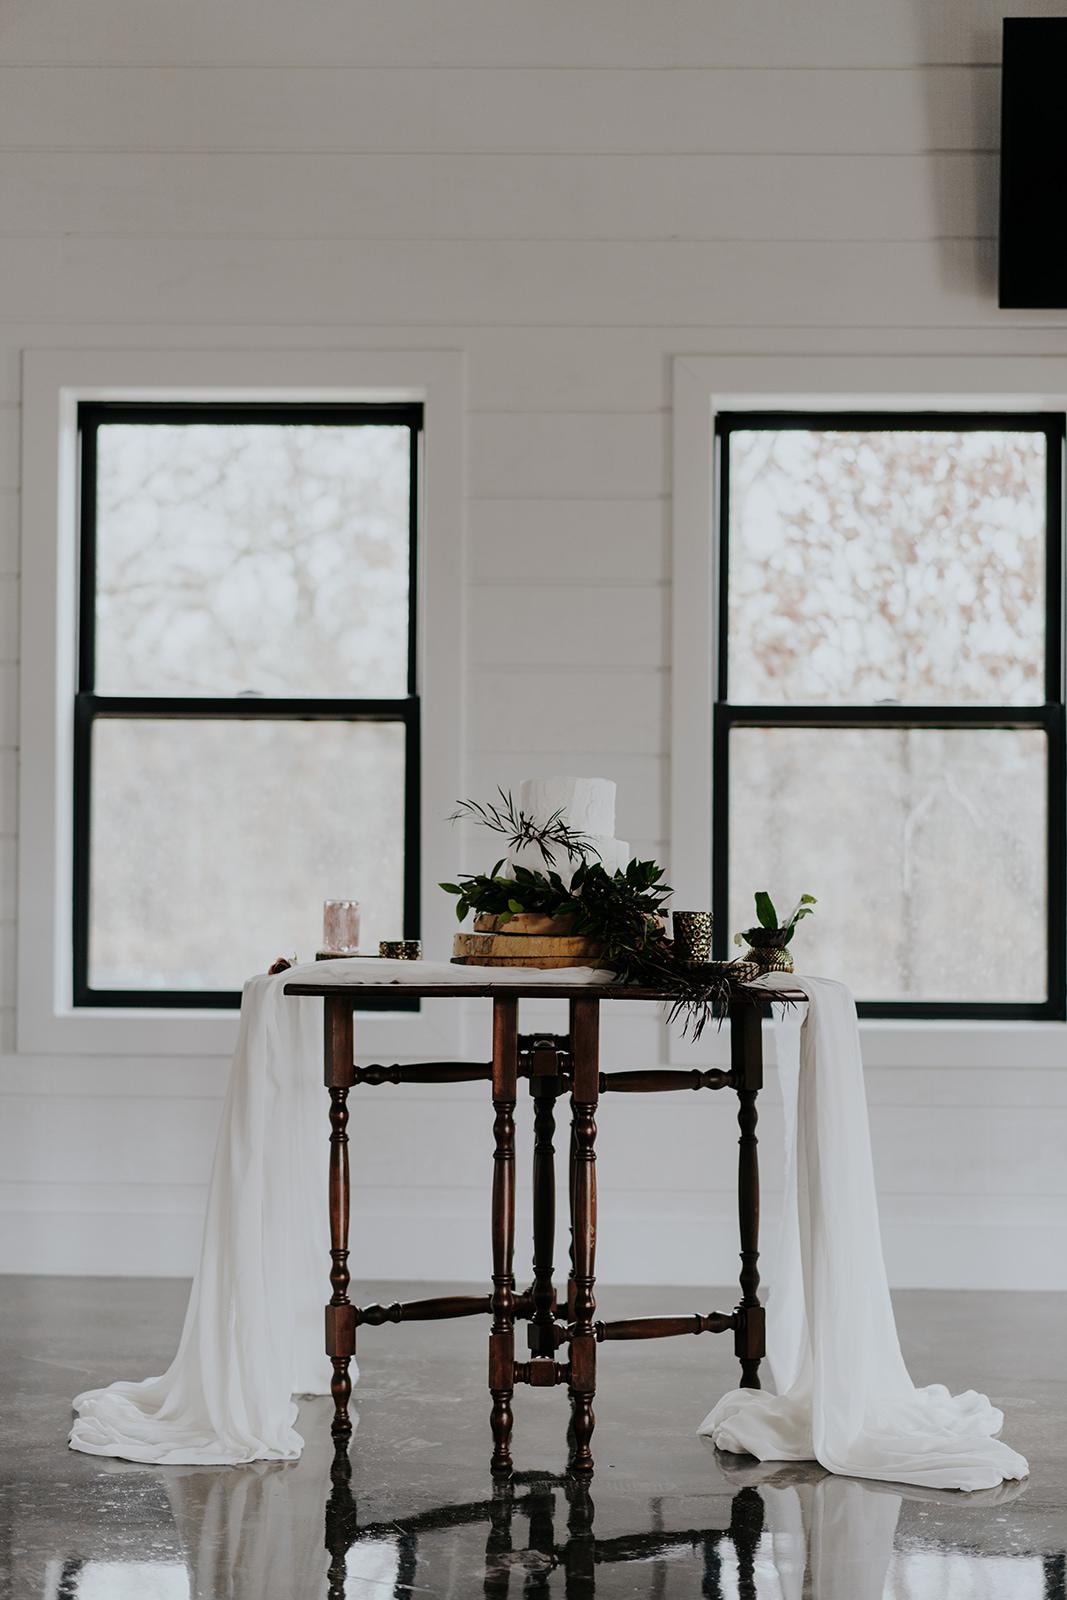 Dream Point Ranch Tulsa Wedding Venue Edgy Bride 12.jpg